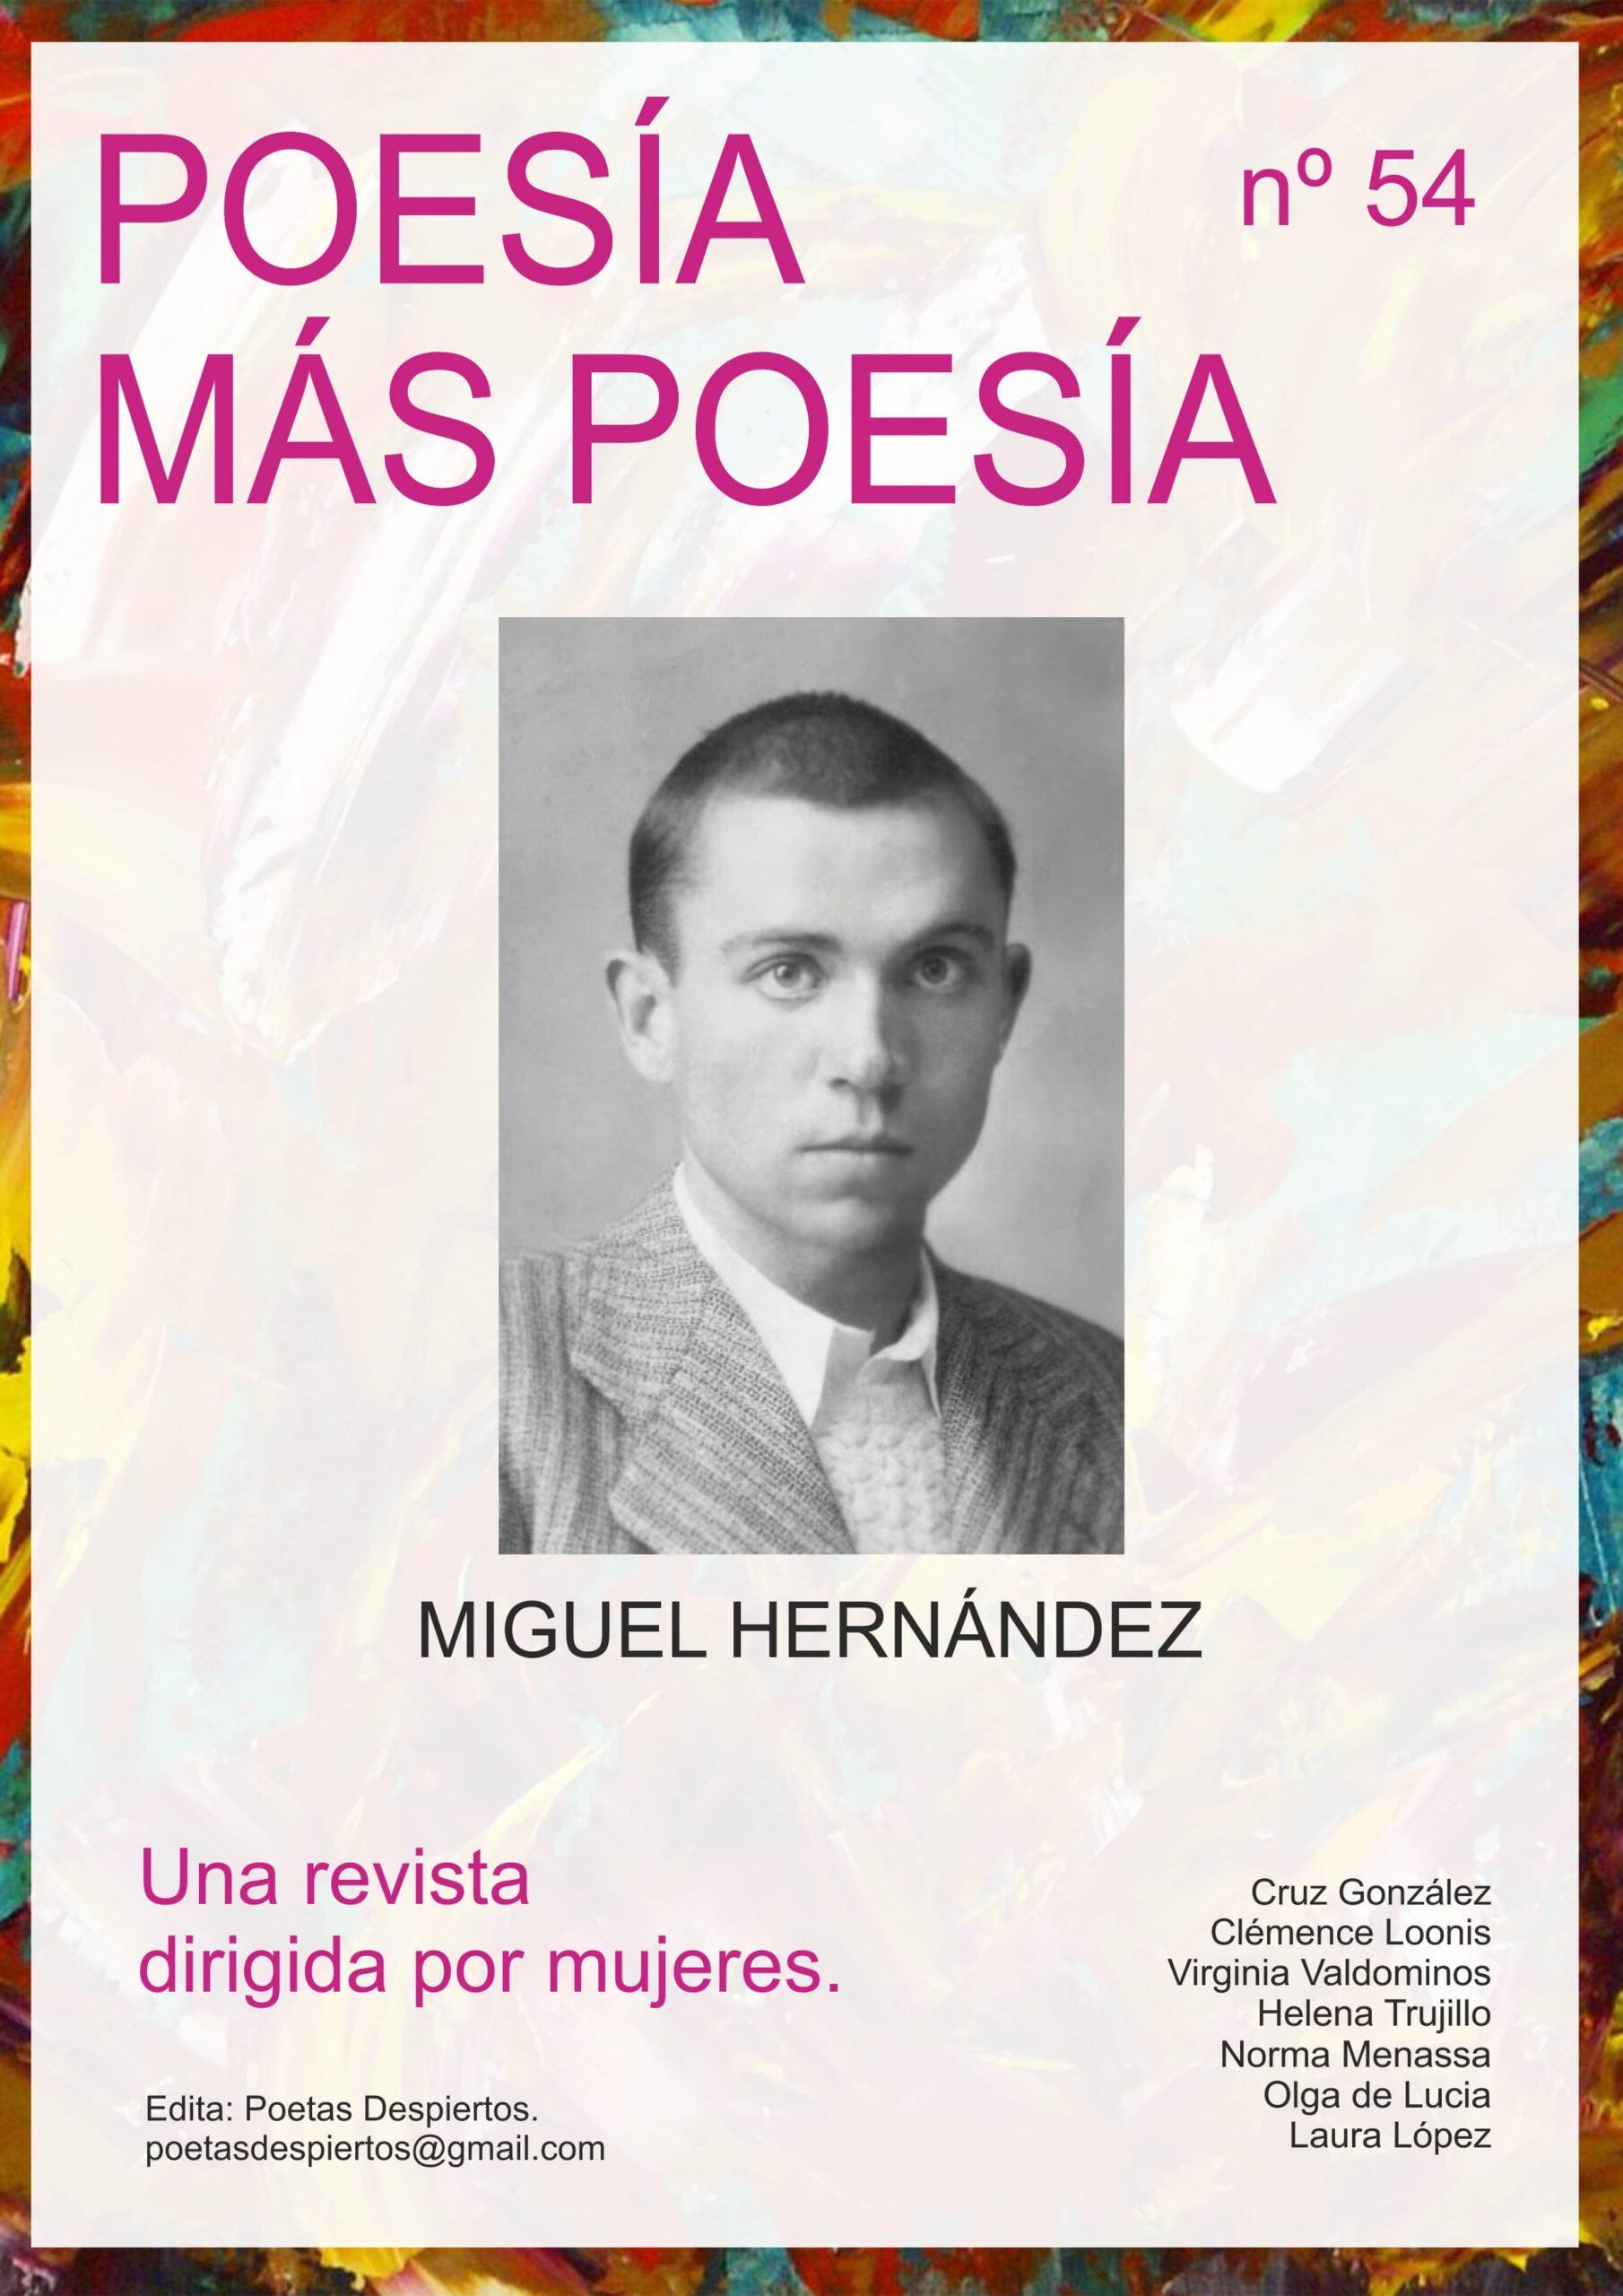 Revista poesía más poesía dedicada al poeta español de la Generación del 27 Miguel Hernández.